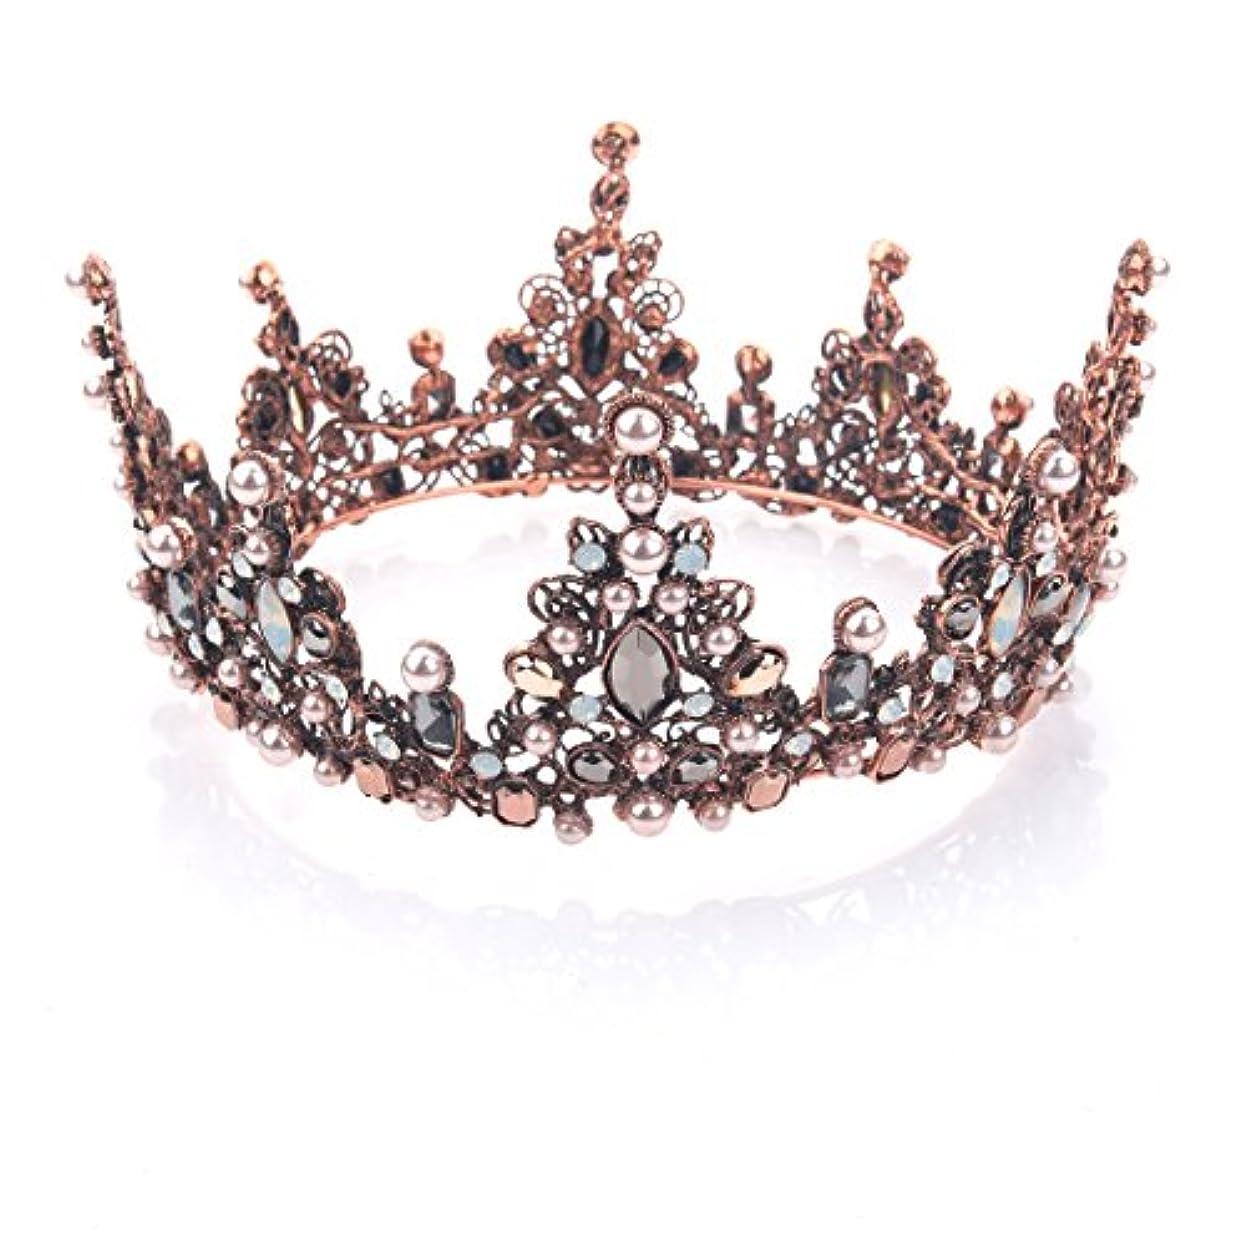 大いに型会計Yeanティアラ 王冠 おうかん クラウン ヘアアクセサリー ゴールド レディース ガールズ 女性 プリンセス 結婚式 ウェディング 花嫁 披露宴 パーティー (Color-04)